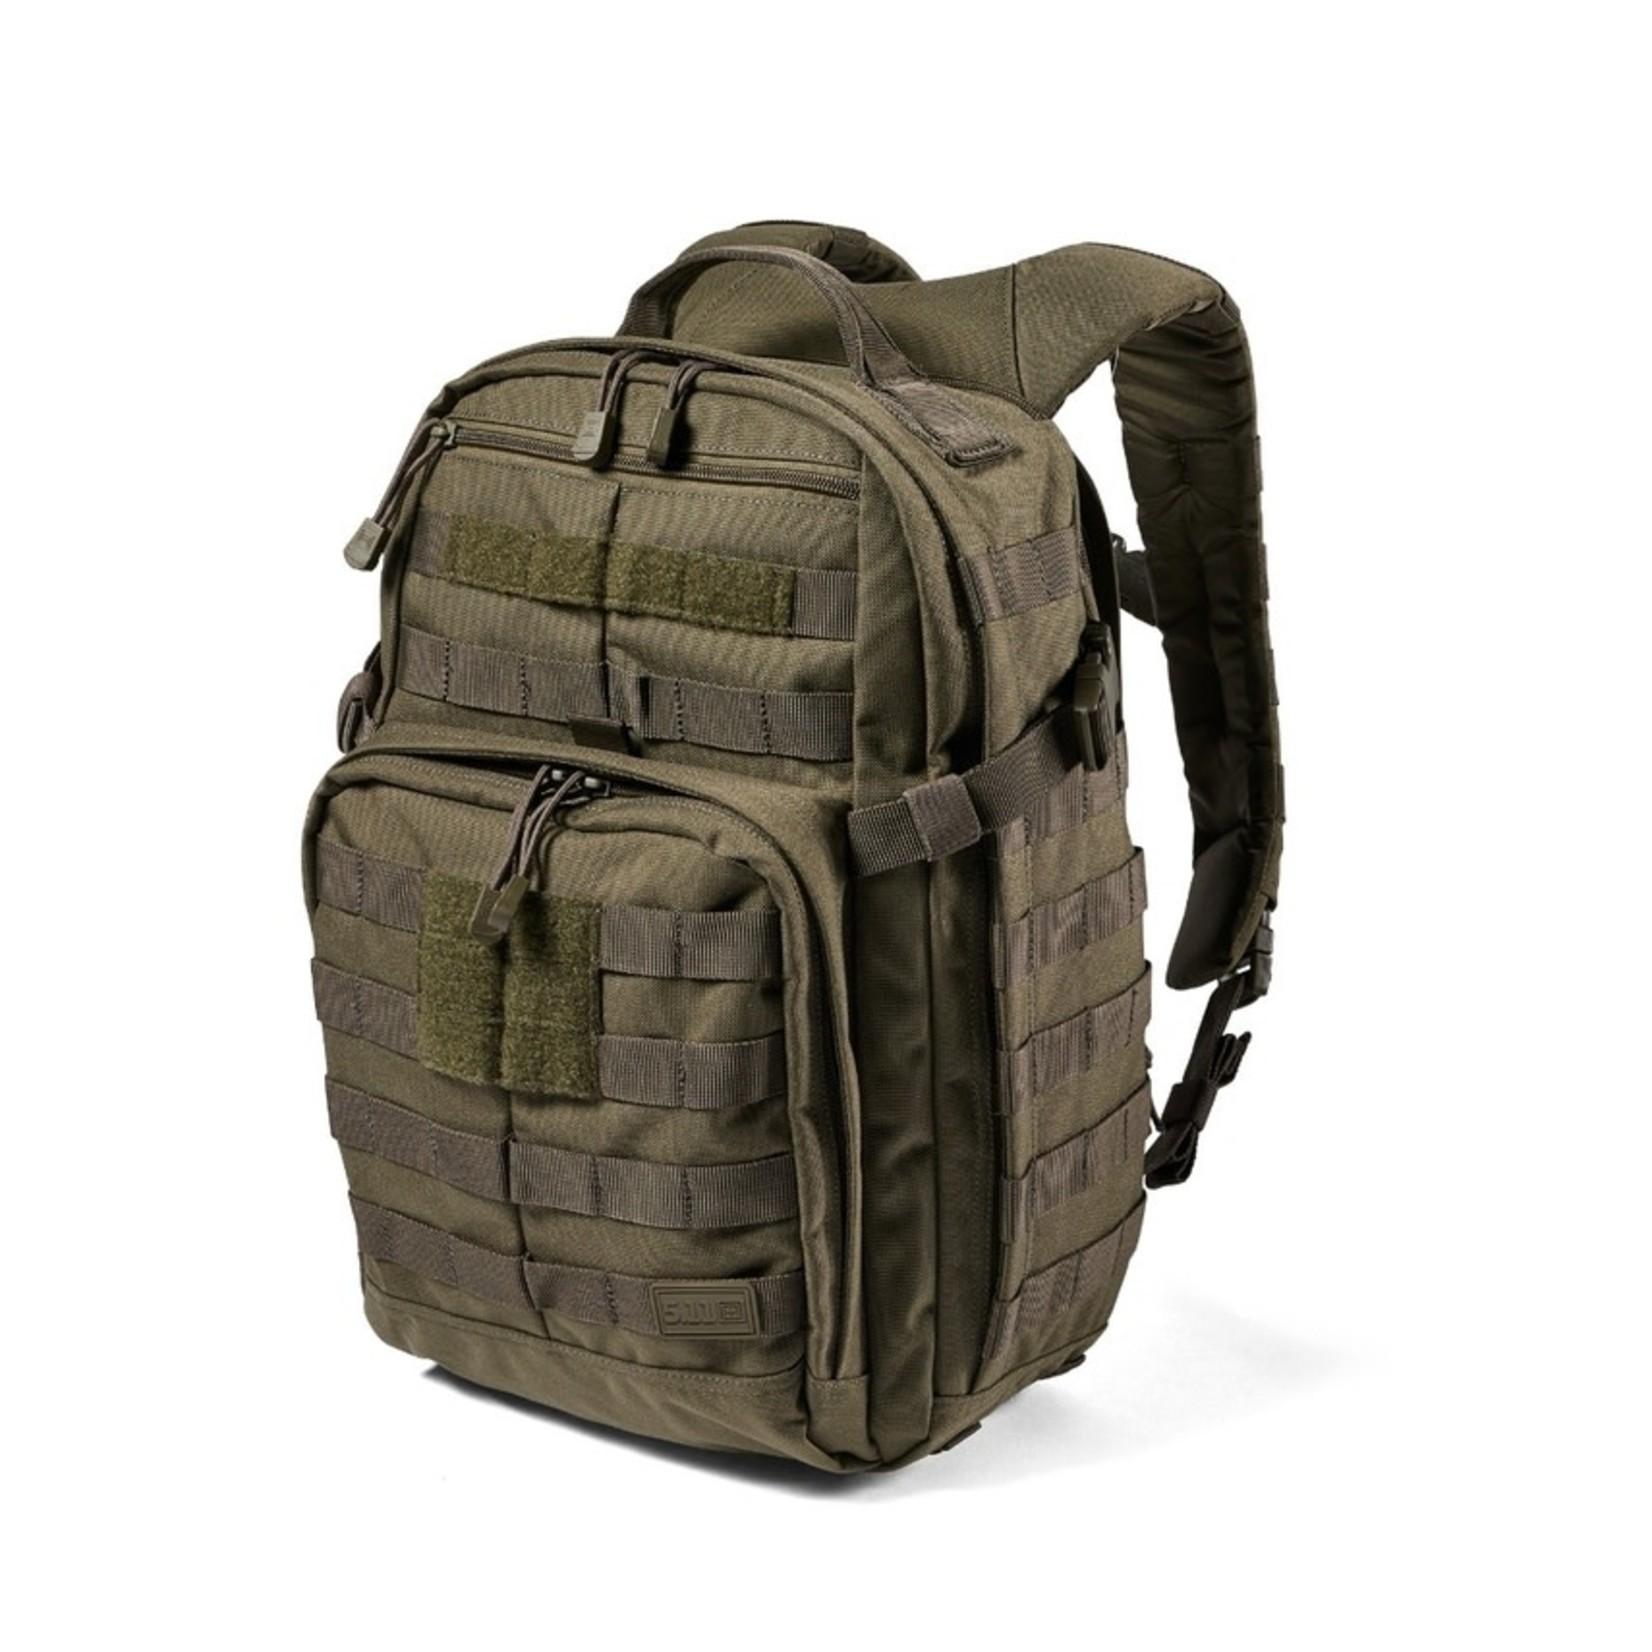 5.11 Tactical 5.11 Rush 12 2.0